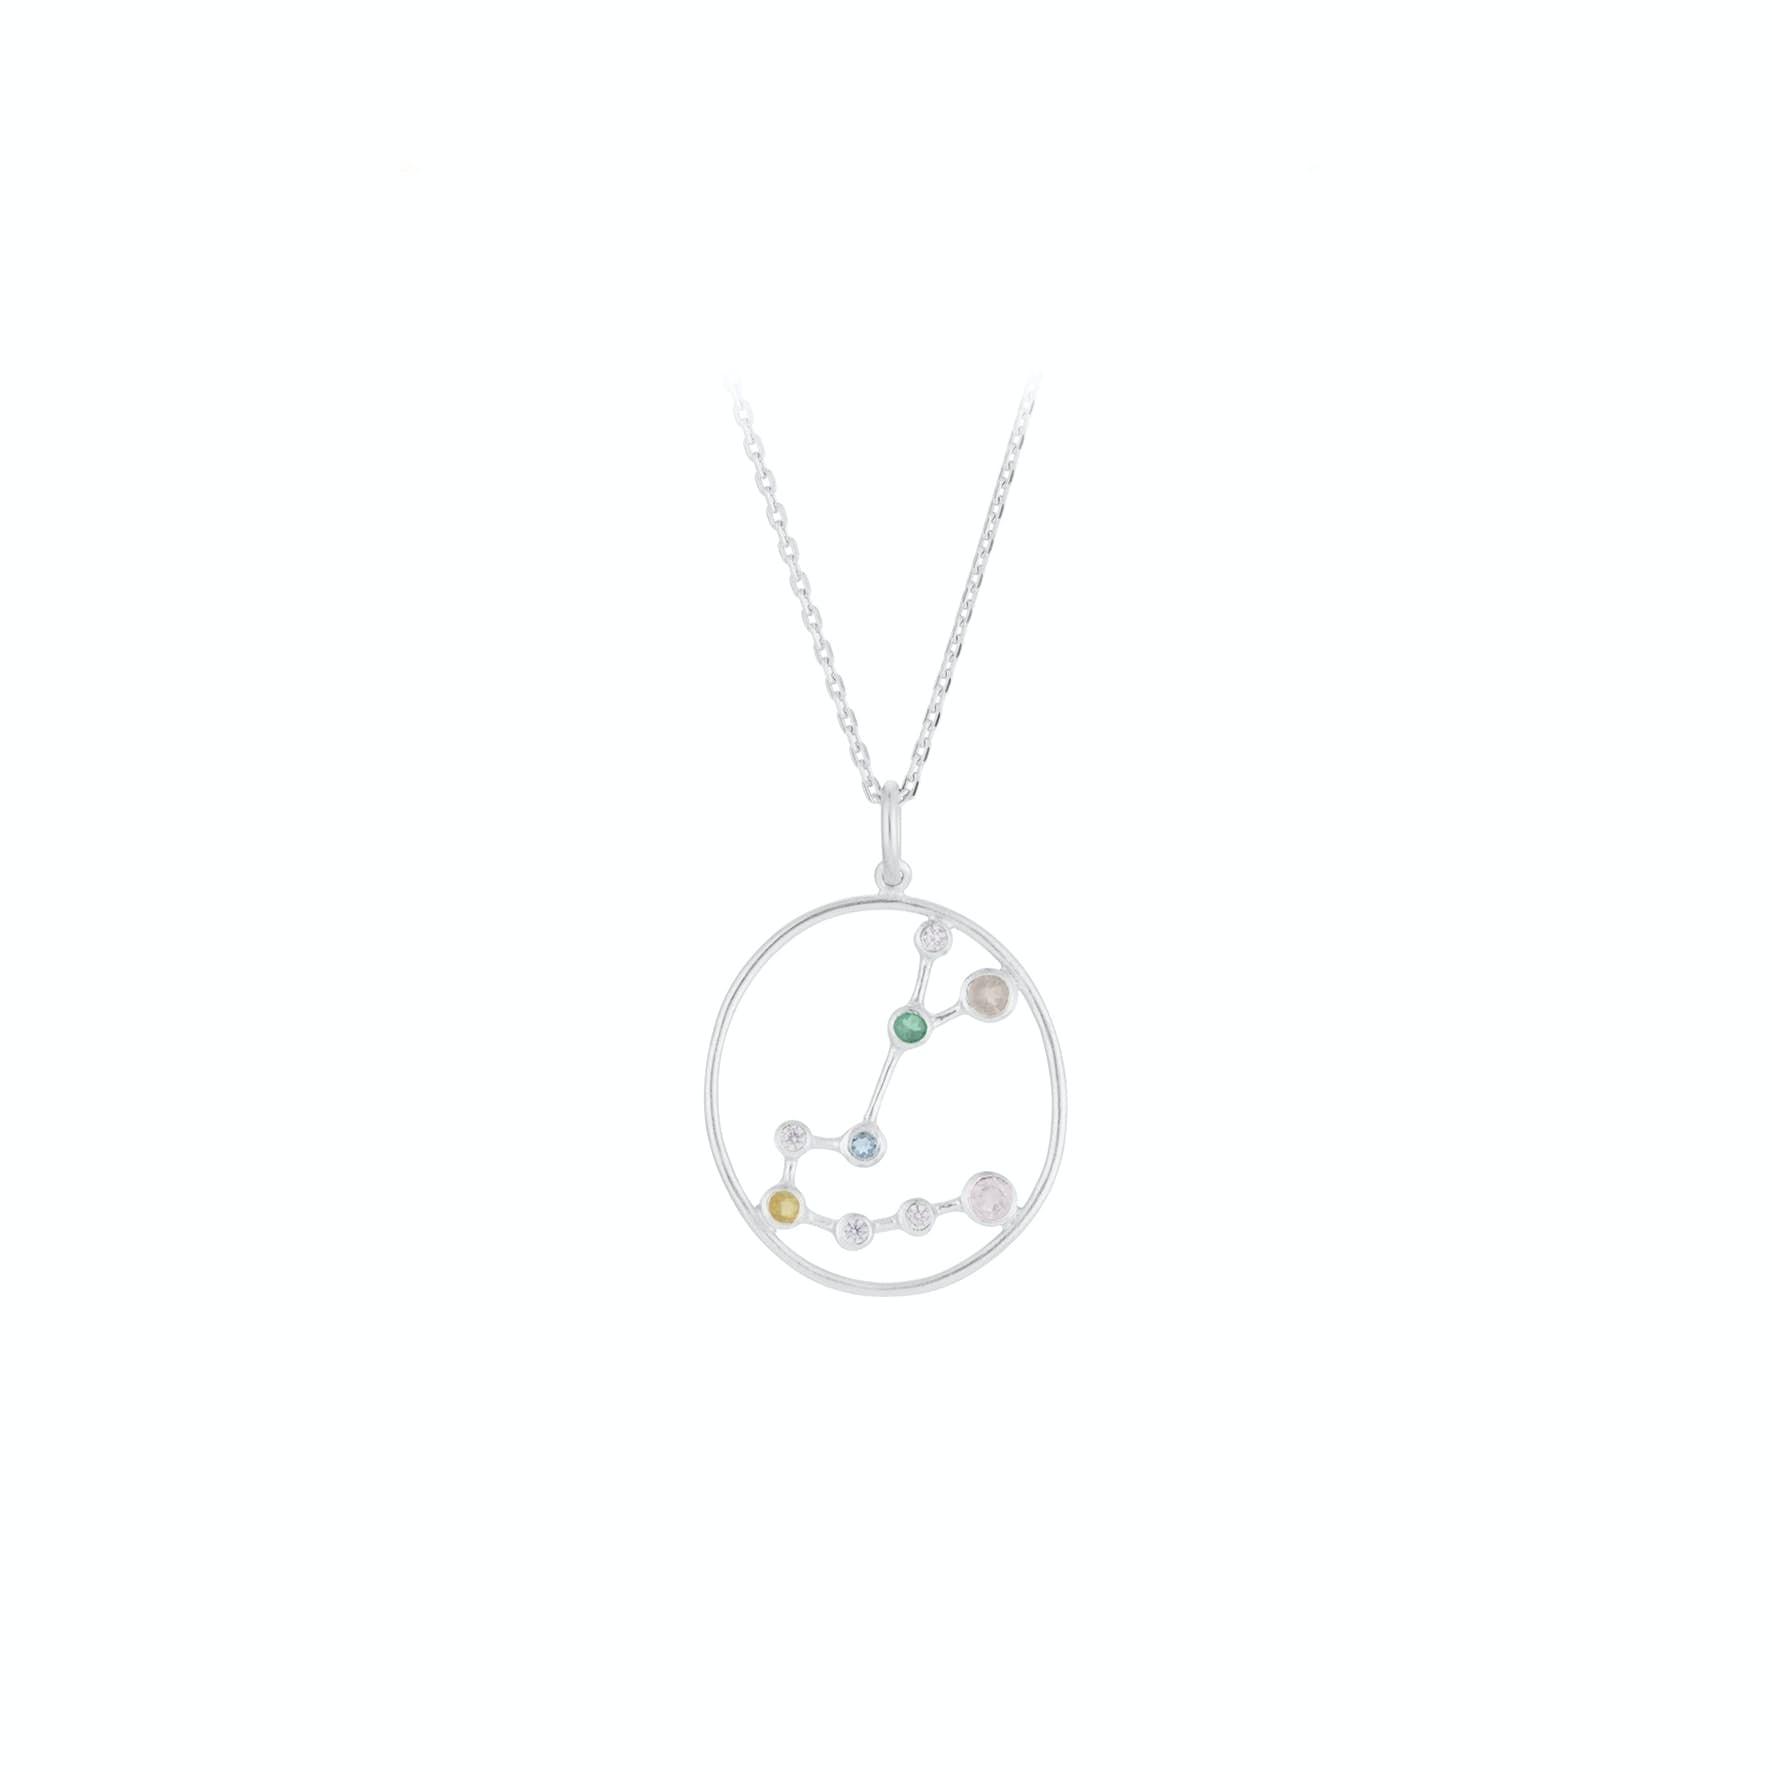 Zodiac Scorpio Necklace (Oct 23 - Nov 22) von Pernille Corydon in Silber Sterling 925